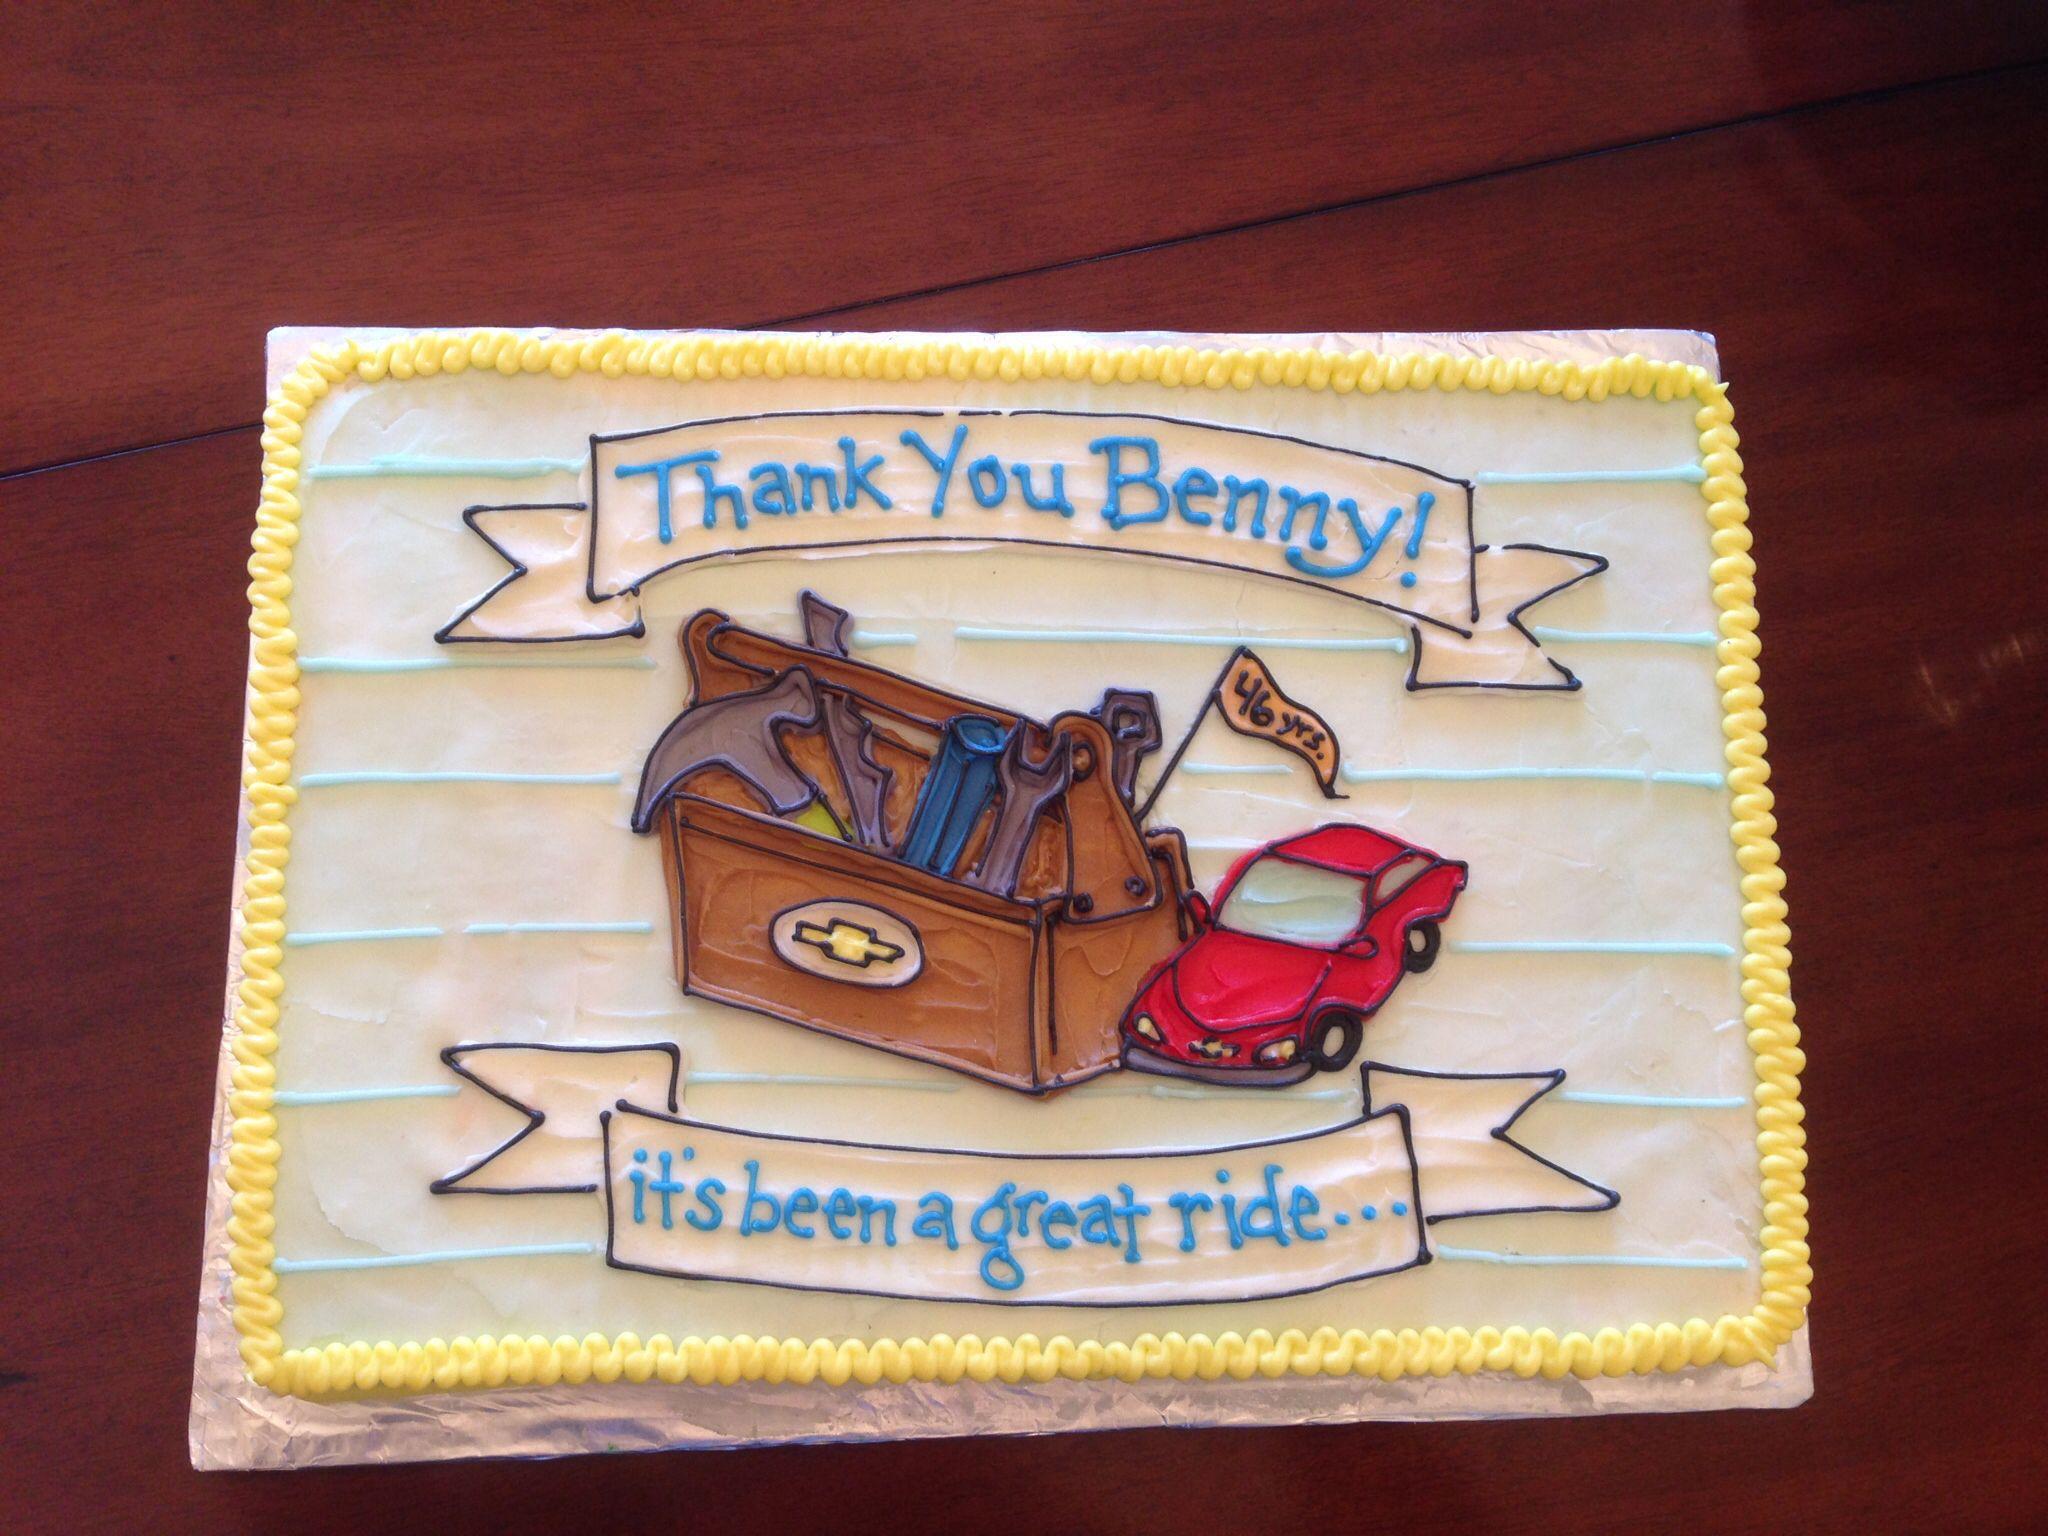 Happy retirement cake retirement cakes cake